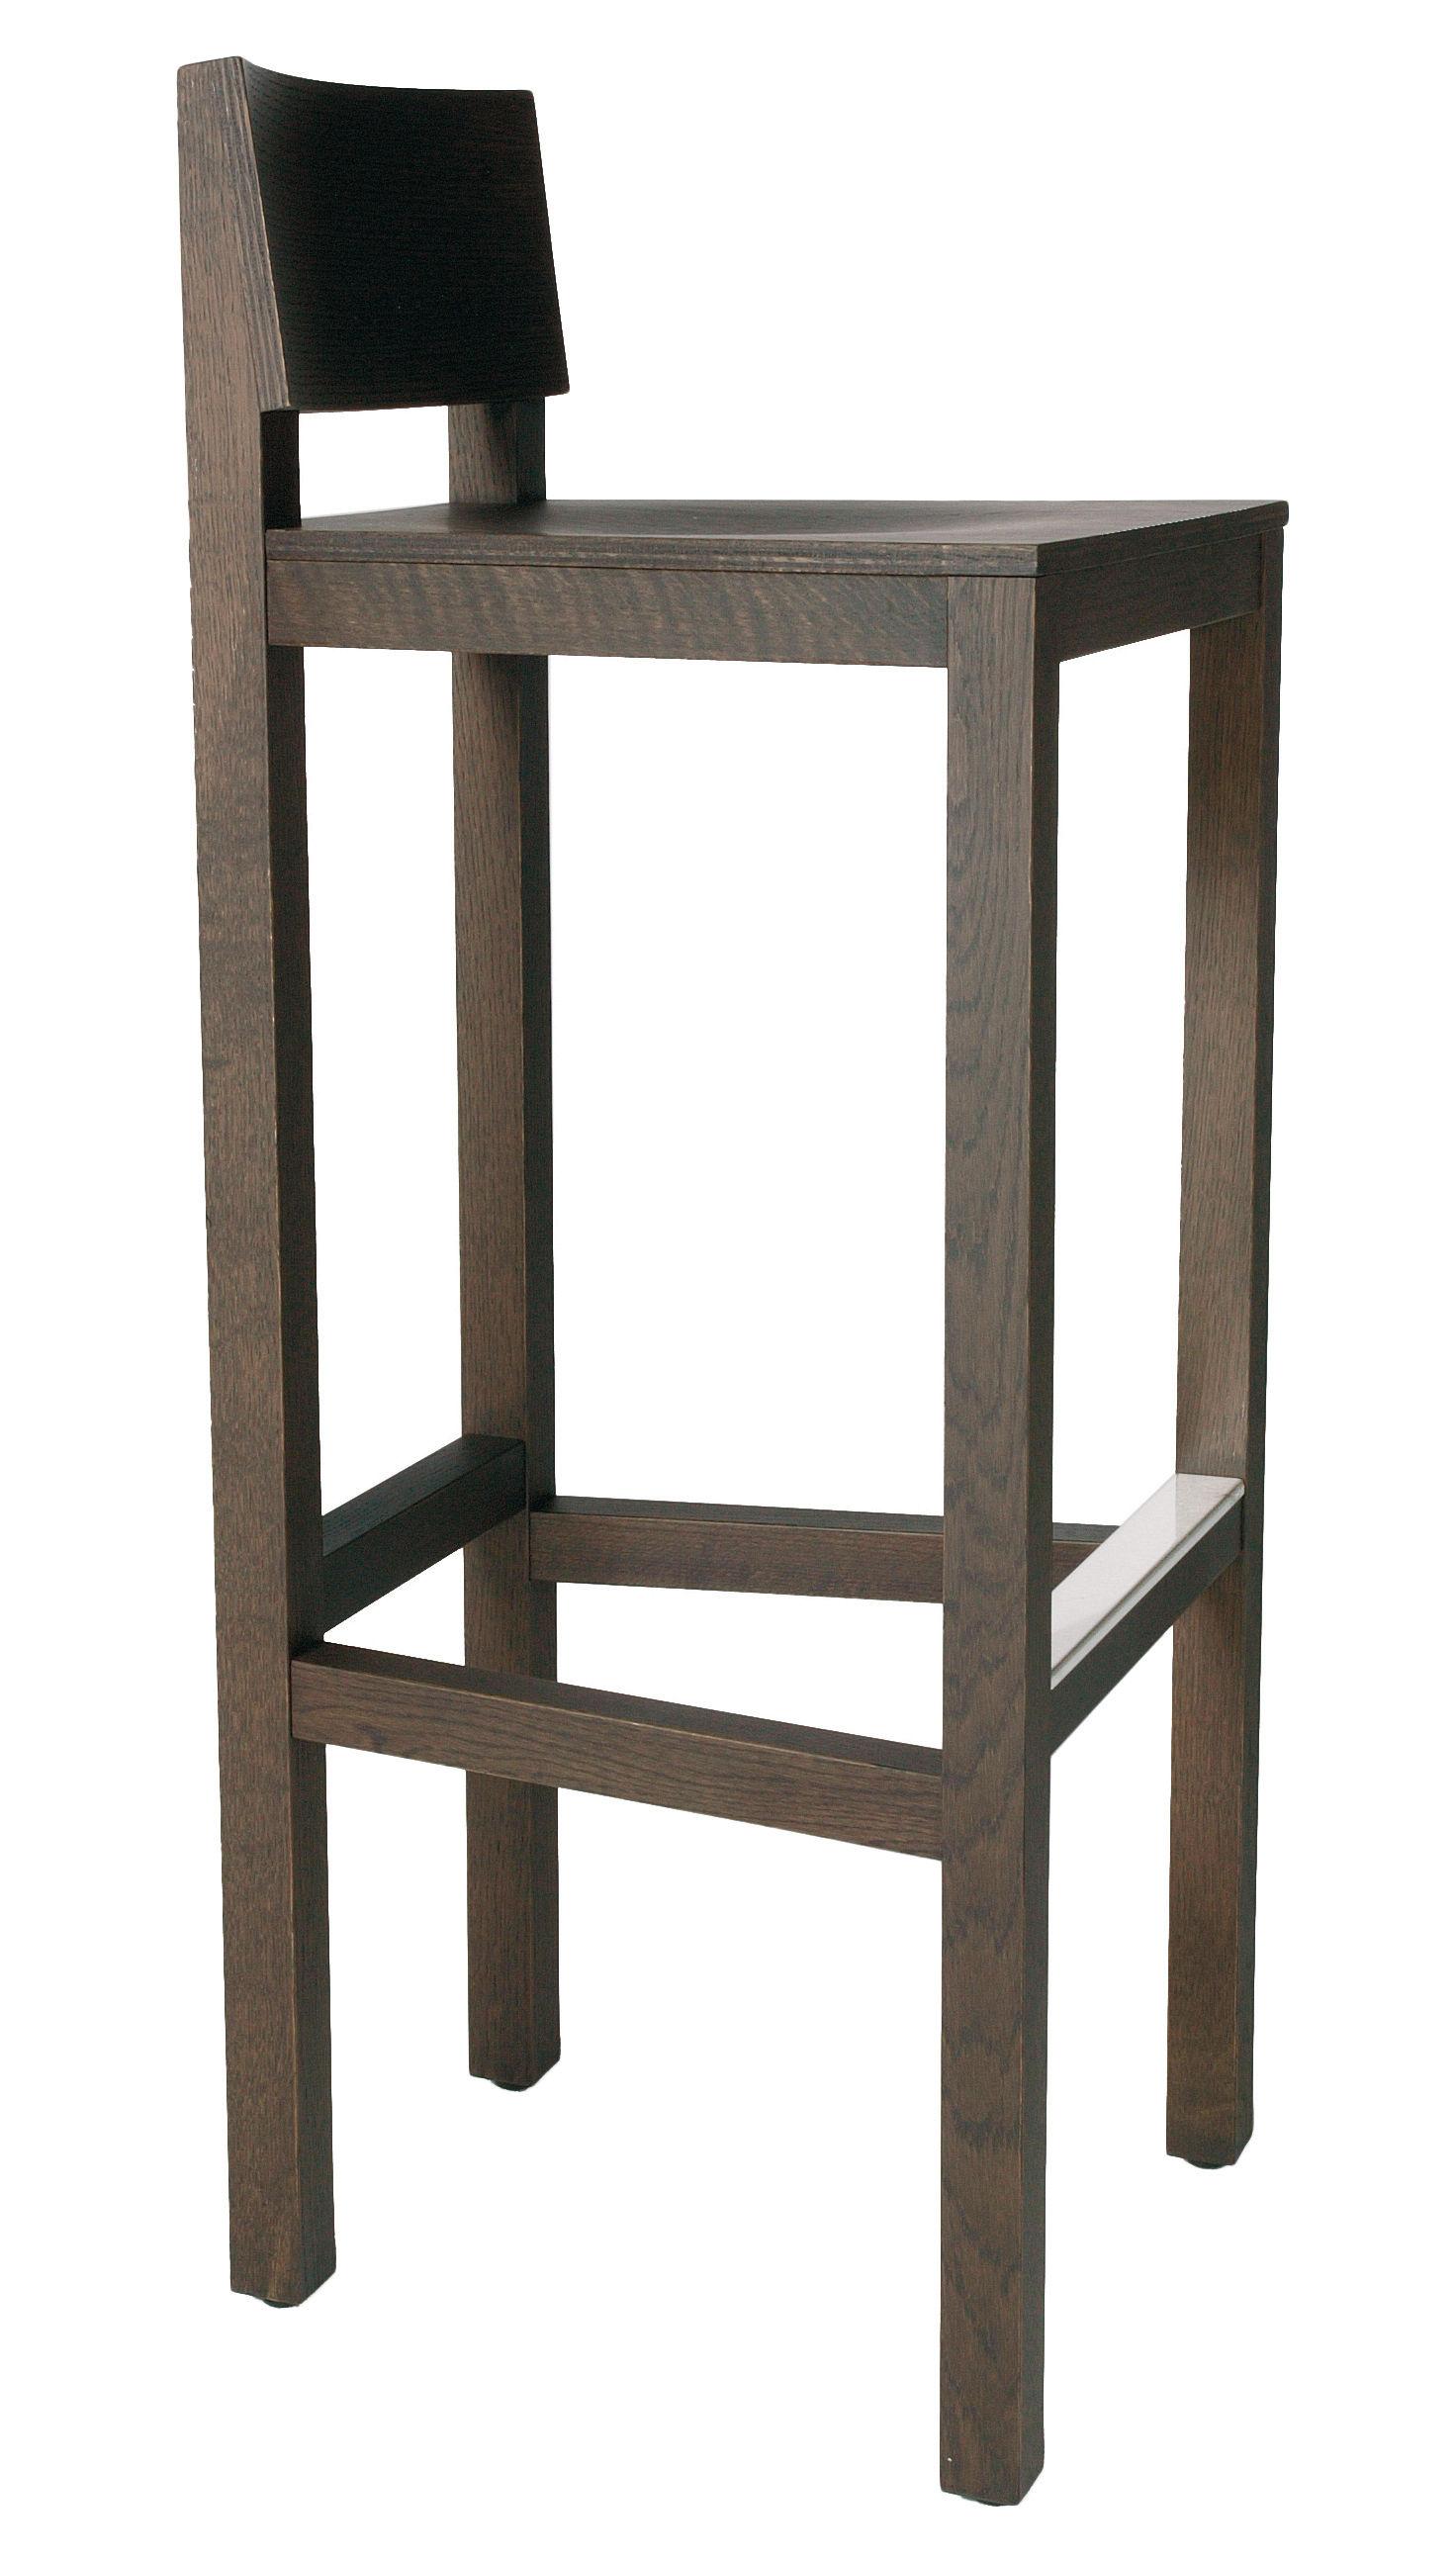 tabouret de bar avl h 80 cm bois weng moooi. Black Bedroom Furniture Sets. Home Design Ideas